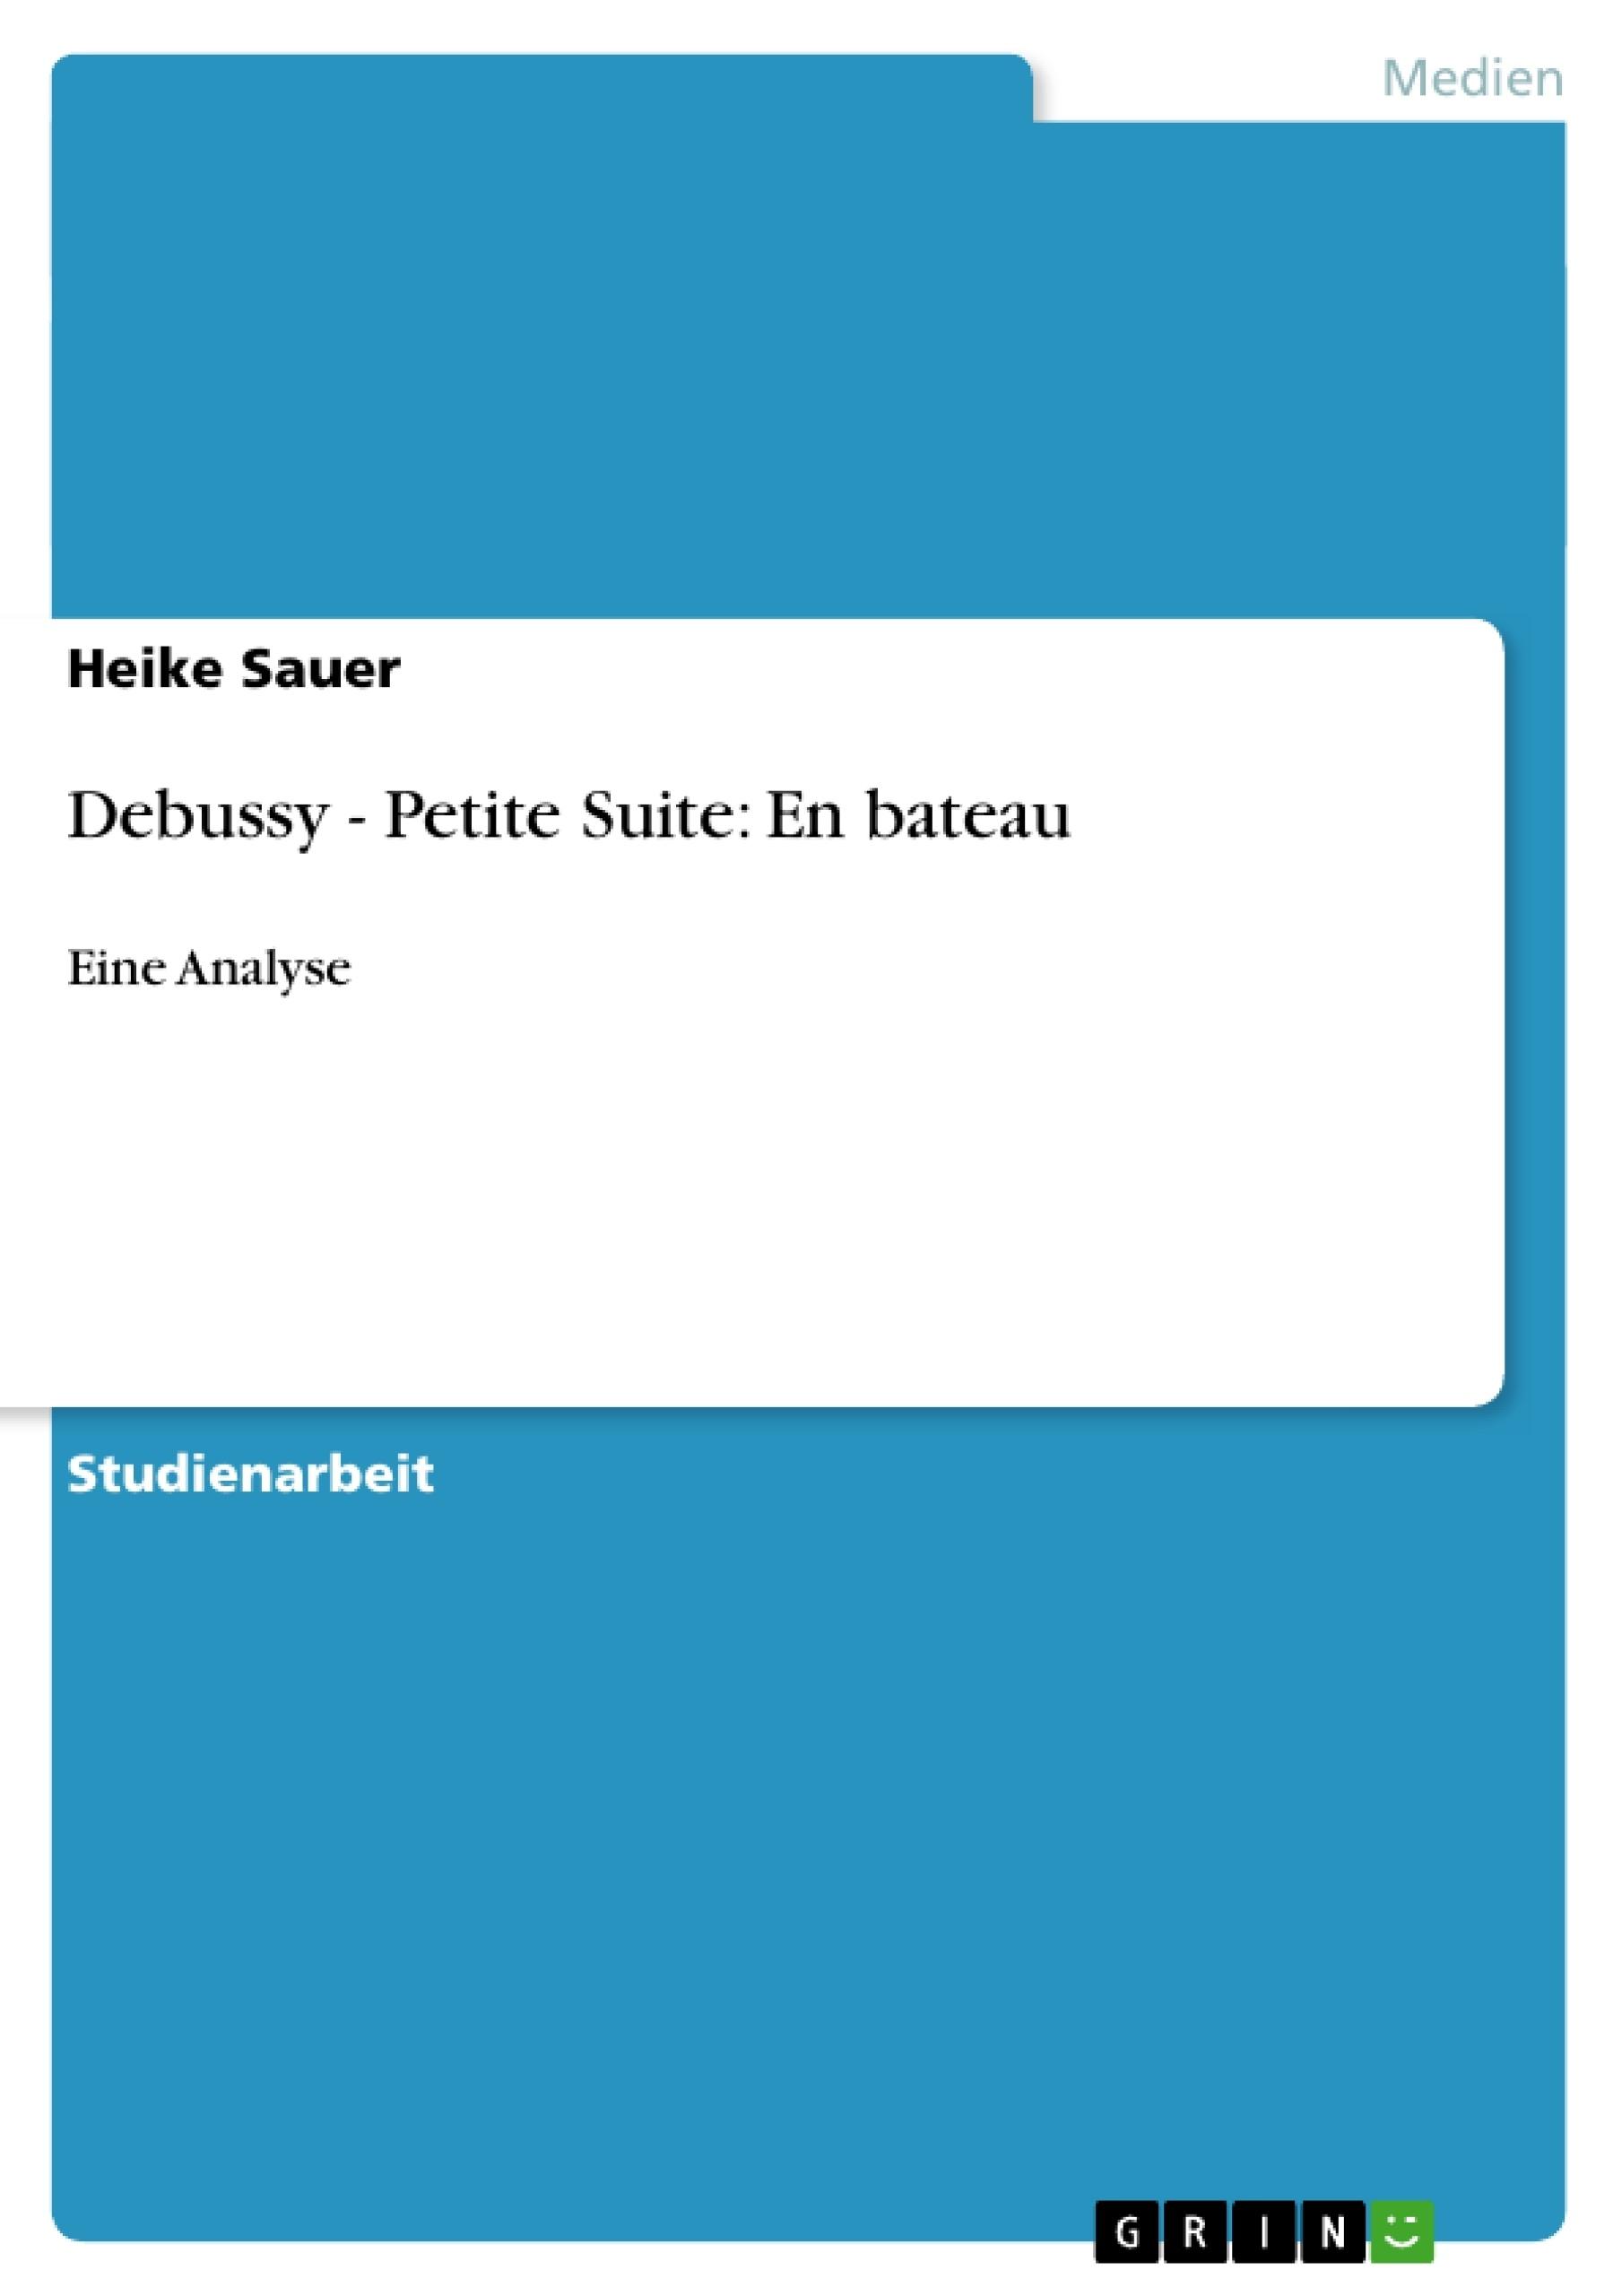 Titel: Debussy - Petite Suite: En bateau